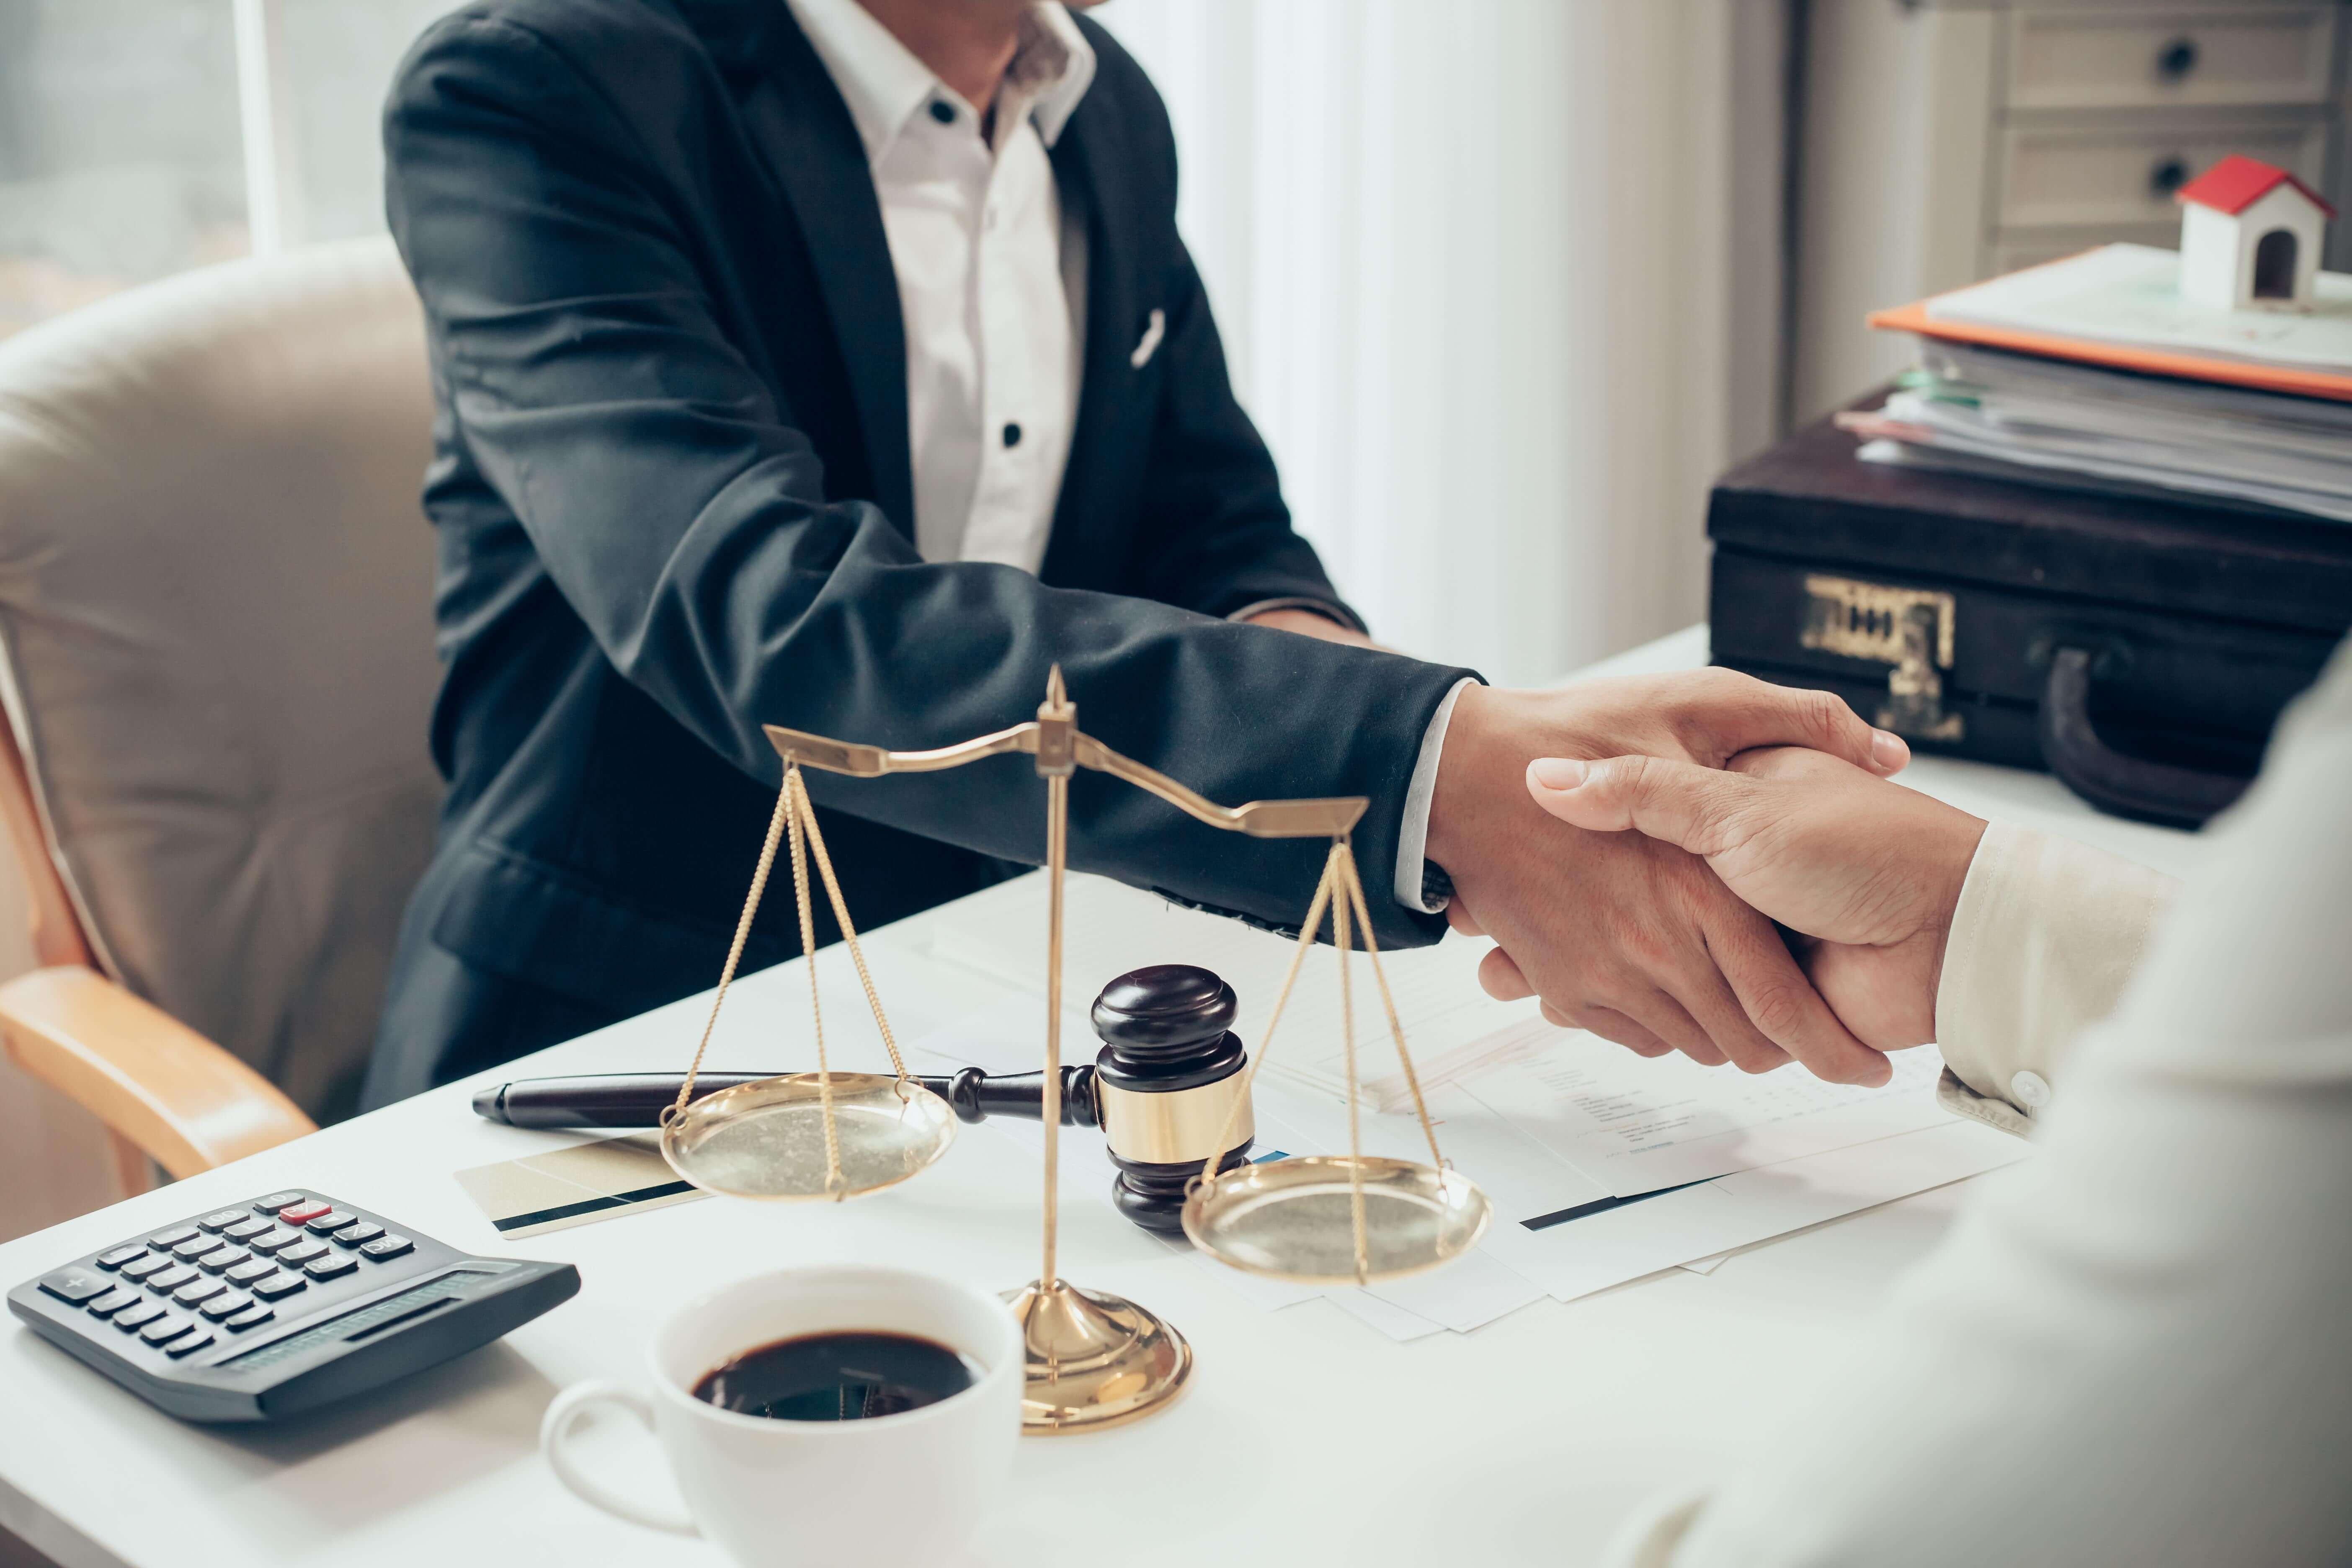 консультировать клиентов по вопросам права